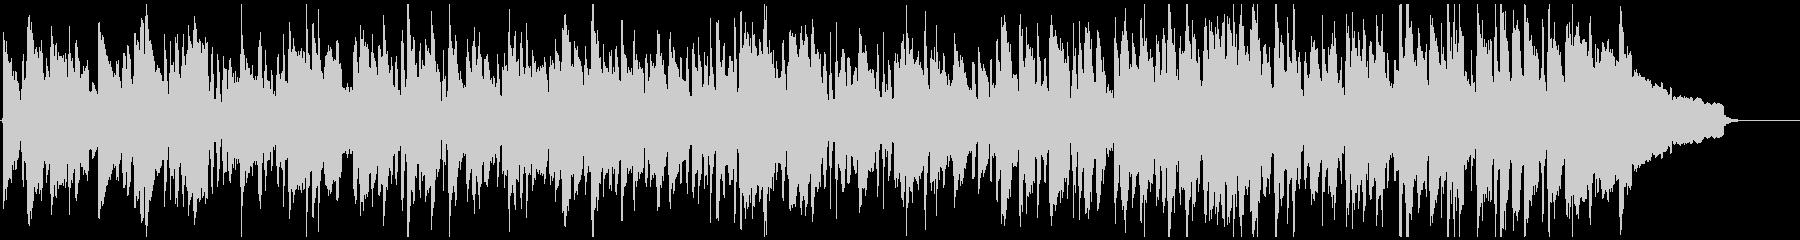 素朴なリコーダーのシンプルなボサノバの未再生の波形